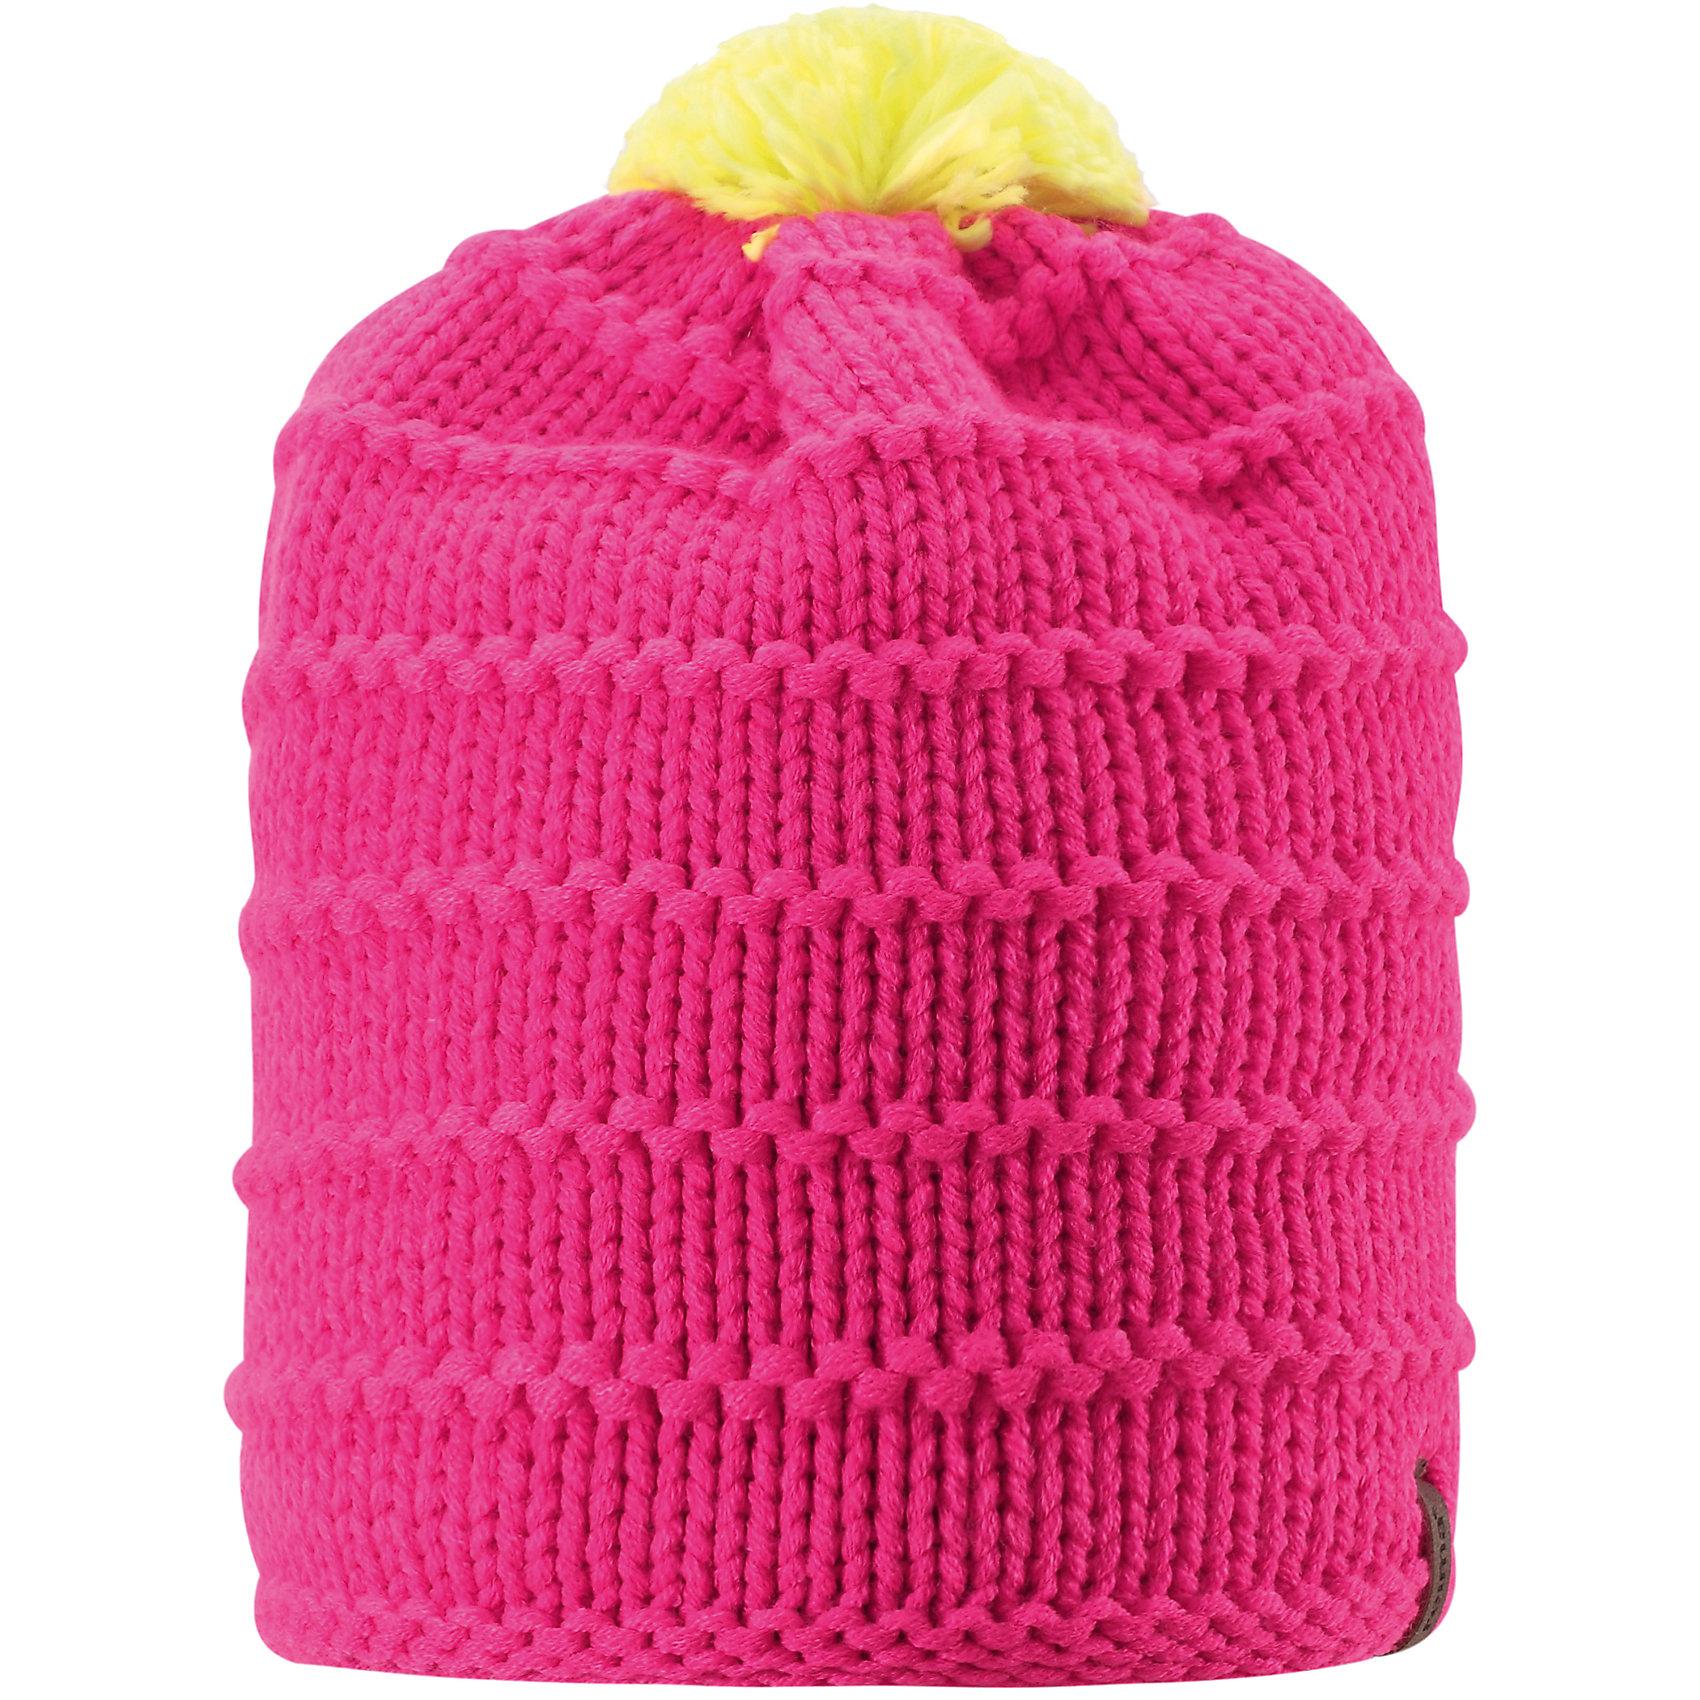 Шапка для девочки ReimaШапки и шарфы<br>Эта зимняя детская шапка из тёплой, толстой, высококачественной акриловой пряжи станет модным выбором для зимних прогулок. В этой шапке с подкладкой из мягкого, тёплого флиса ребёнок не замёрзнет в холодные зимние месяцы. Простой в уходе акрил отлично контролирует температуру. Ветронепроницаемые вставки в области ушей защищают маленькие ушки от холодного ветра, поэтому маленьким искателям приключений будет тепло и комфортно. Уютная модель весёлой расцветки легко сочетается с разной одеждой, а помпон контрастного цвета делает образ неповторимым.<br><br>Дополнительная информация:<br><br>Зимняя шапка для детей и подростков<br>Тёплая, толстая, высококачественная пряжа<br>Мягкая, тёплая подкладки из флиса<br>Ветронепроницаемые вставки в области ушей<br>Состав: 100% акрил<br><br>Шапку для девочки от популярного финского бренда Reima можно купить в нашем магазине.<br><br>Ширина мм: 89<br>Глубина мм: 117<br>Высота мм: 44<br>Вес г: 155<br>Цвет: розовый<br>Возраст от месяцев: 72<br>Возраст до месяцев: 84<br>Пол: Женский<br>Возраст: Детский<br>Размер: 54,56,52,58<br>SKU: 4417213